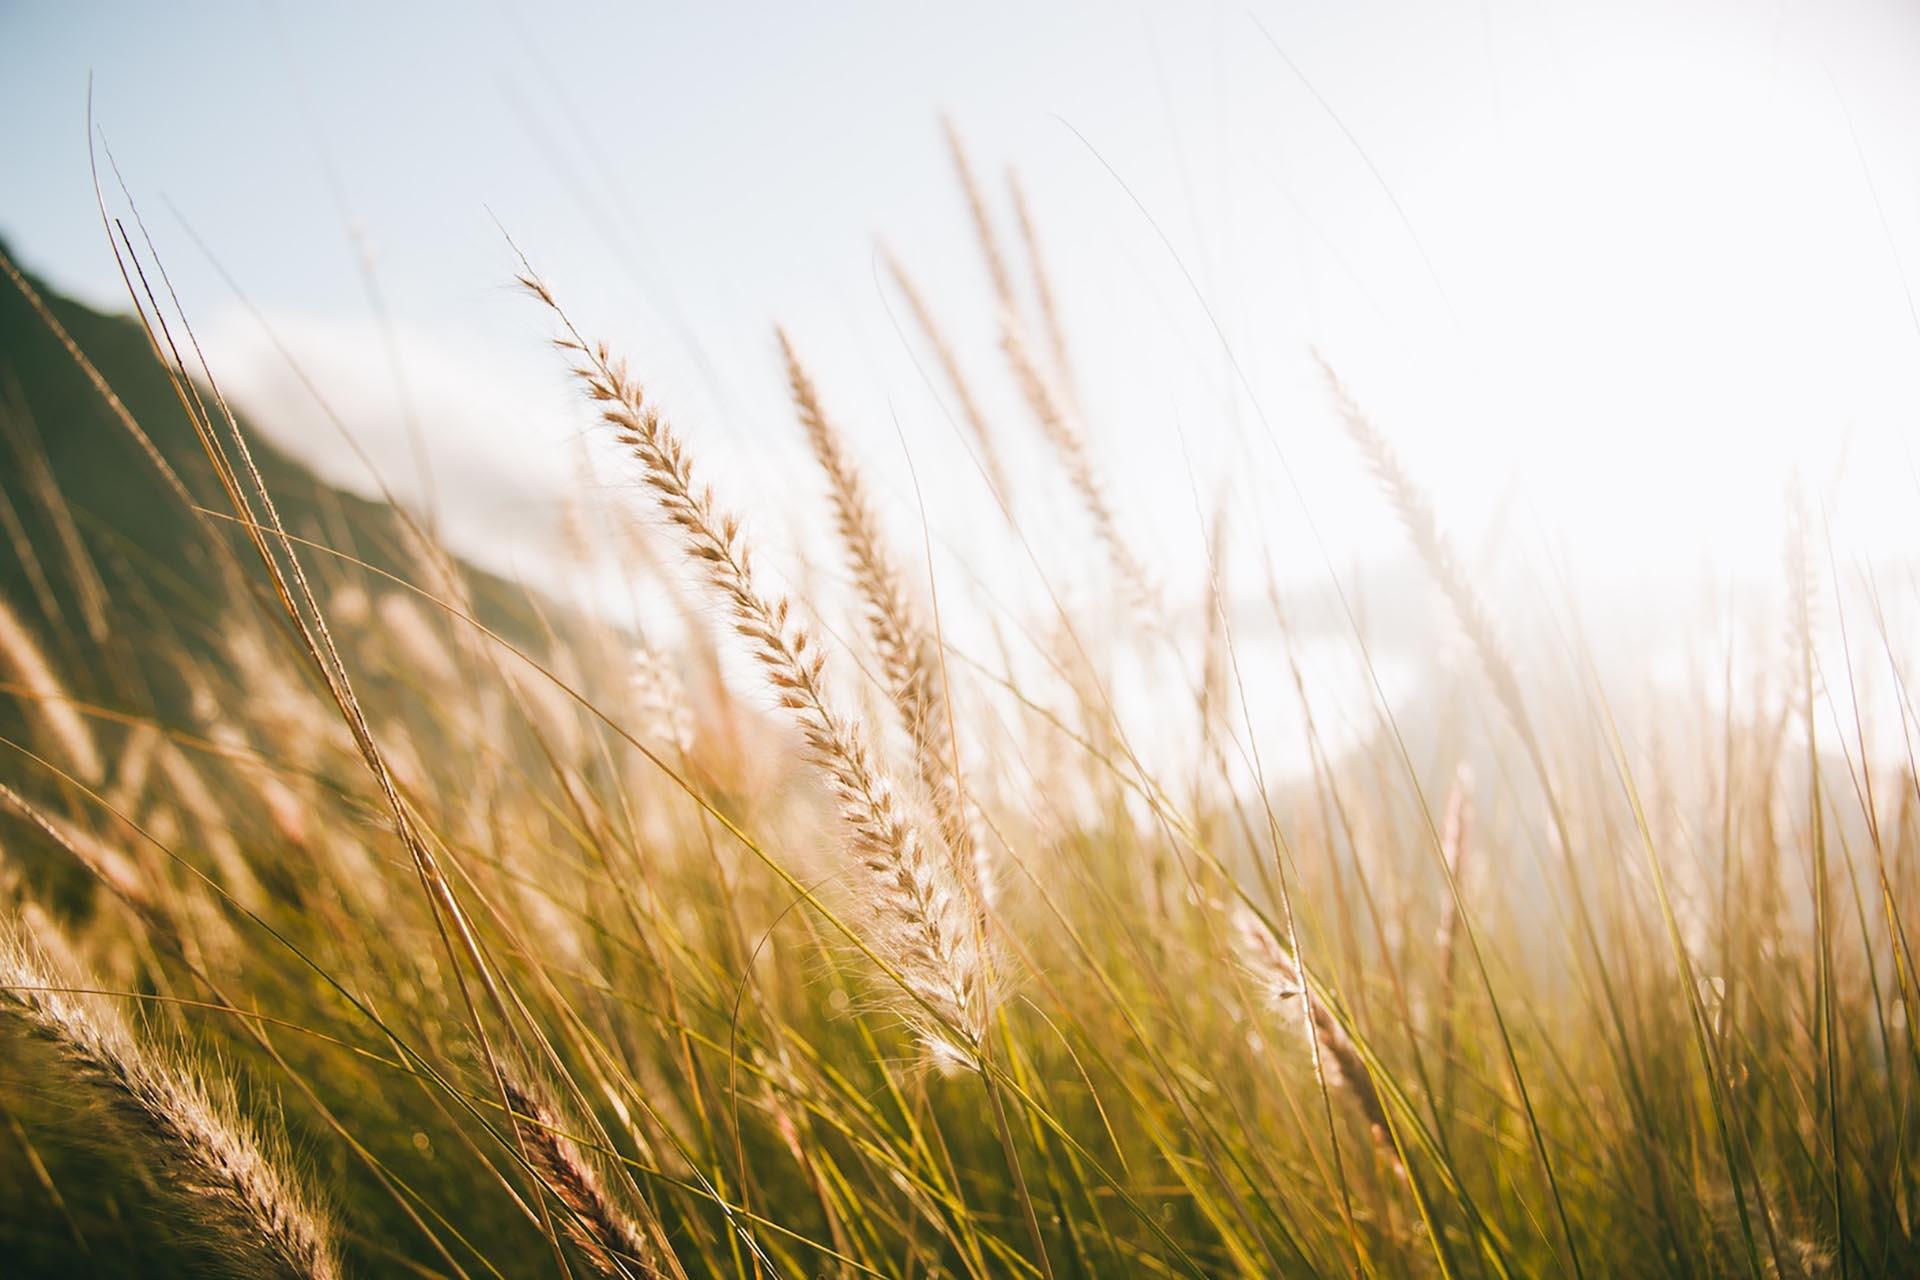 Närbild på strån på ett fält med himmel i bakgrunden